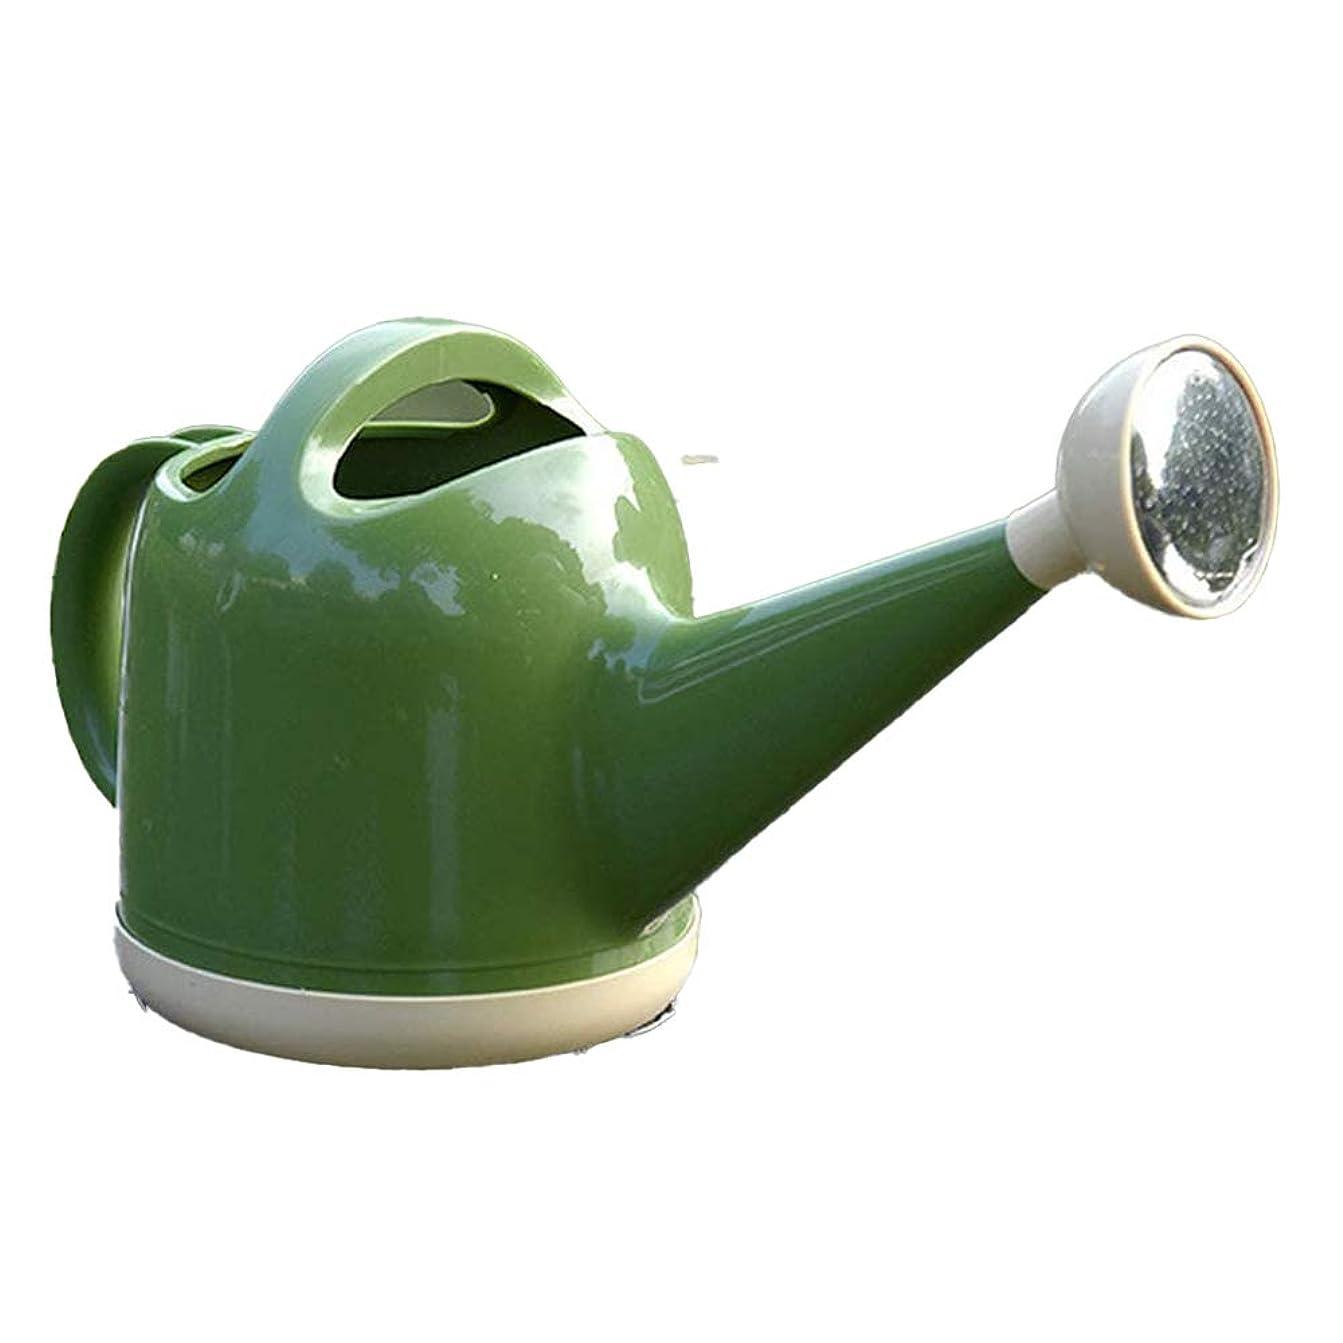 大きさ発生器穿孔する1 本 じょうろ 水差し 園芸 じょうろ 園芸用品 鉢植え 水やり 散水用品 耐久性のある